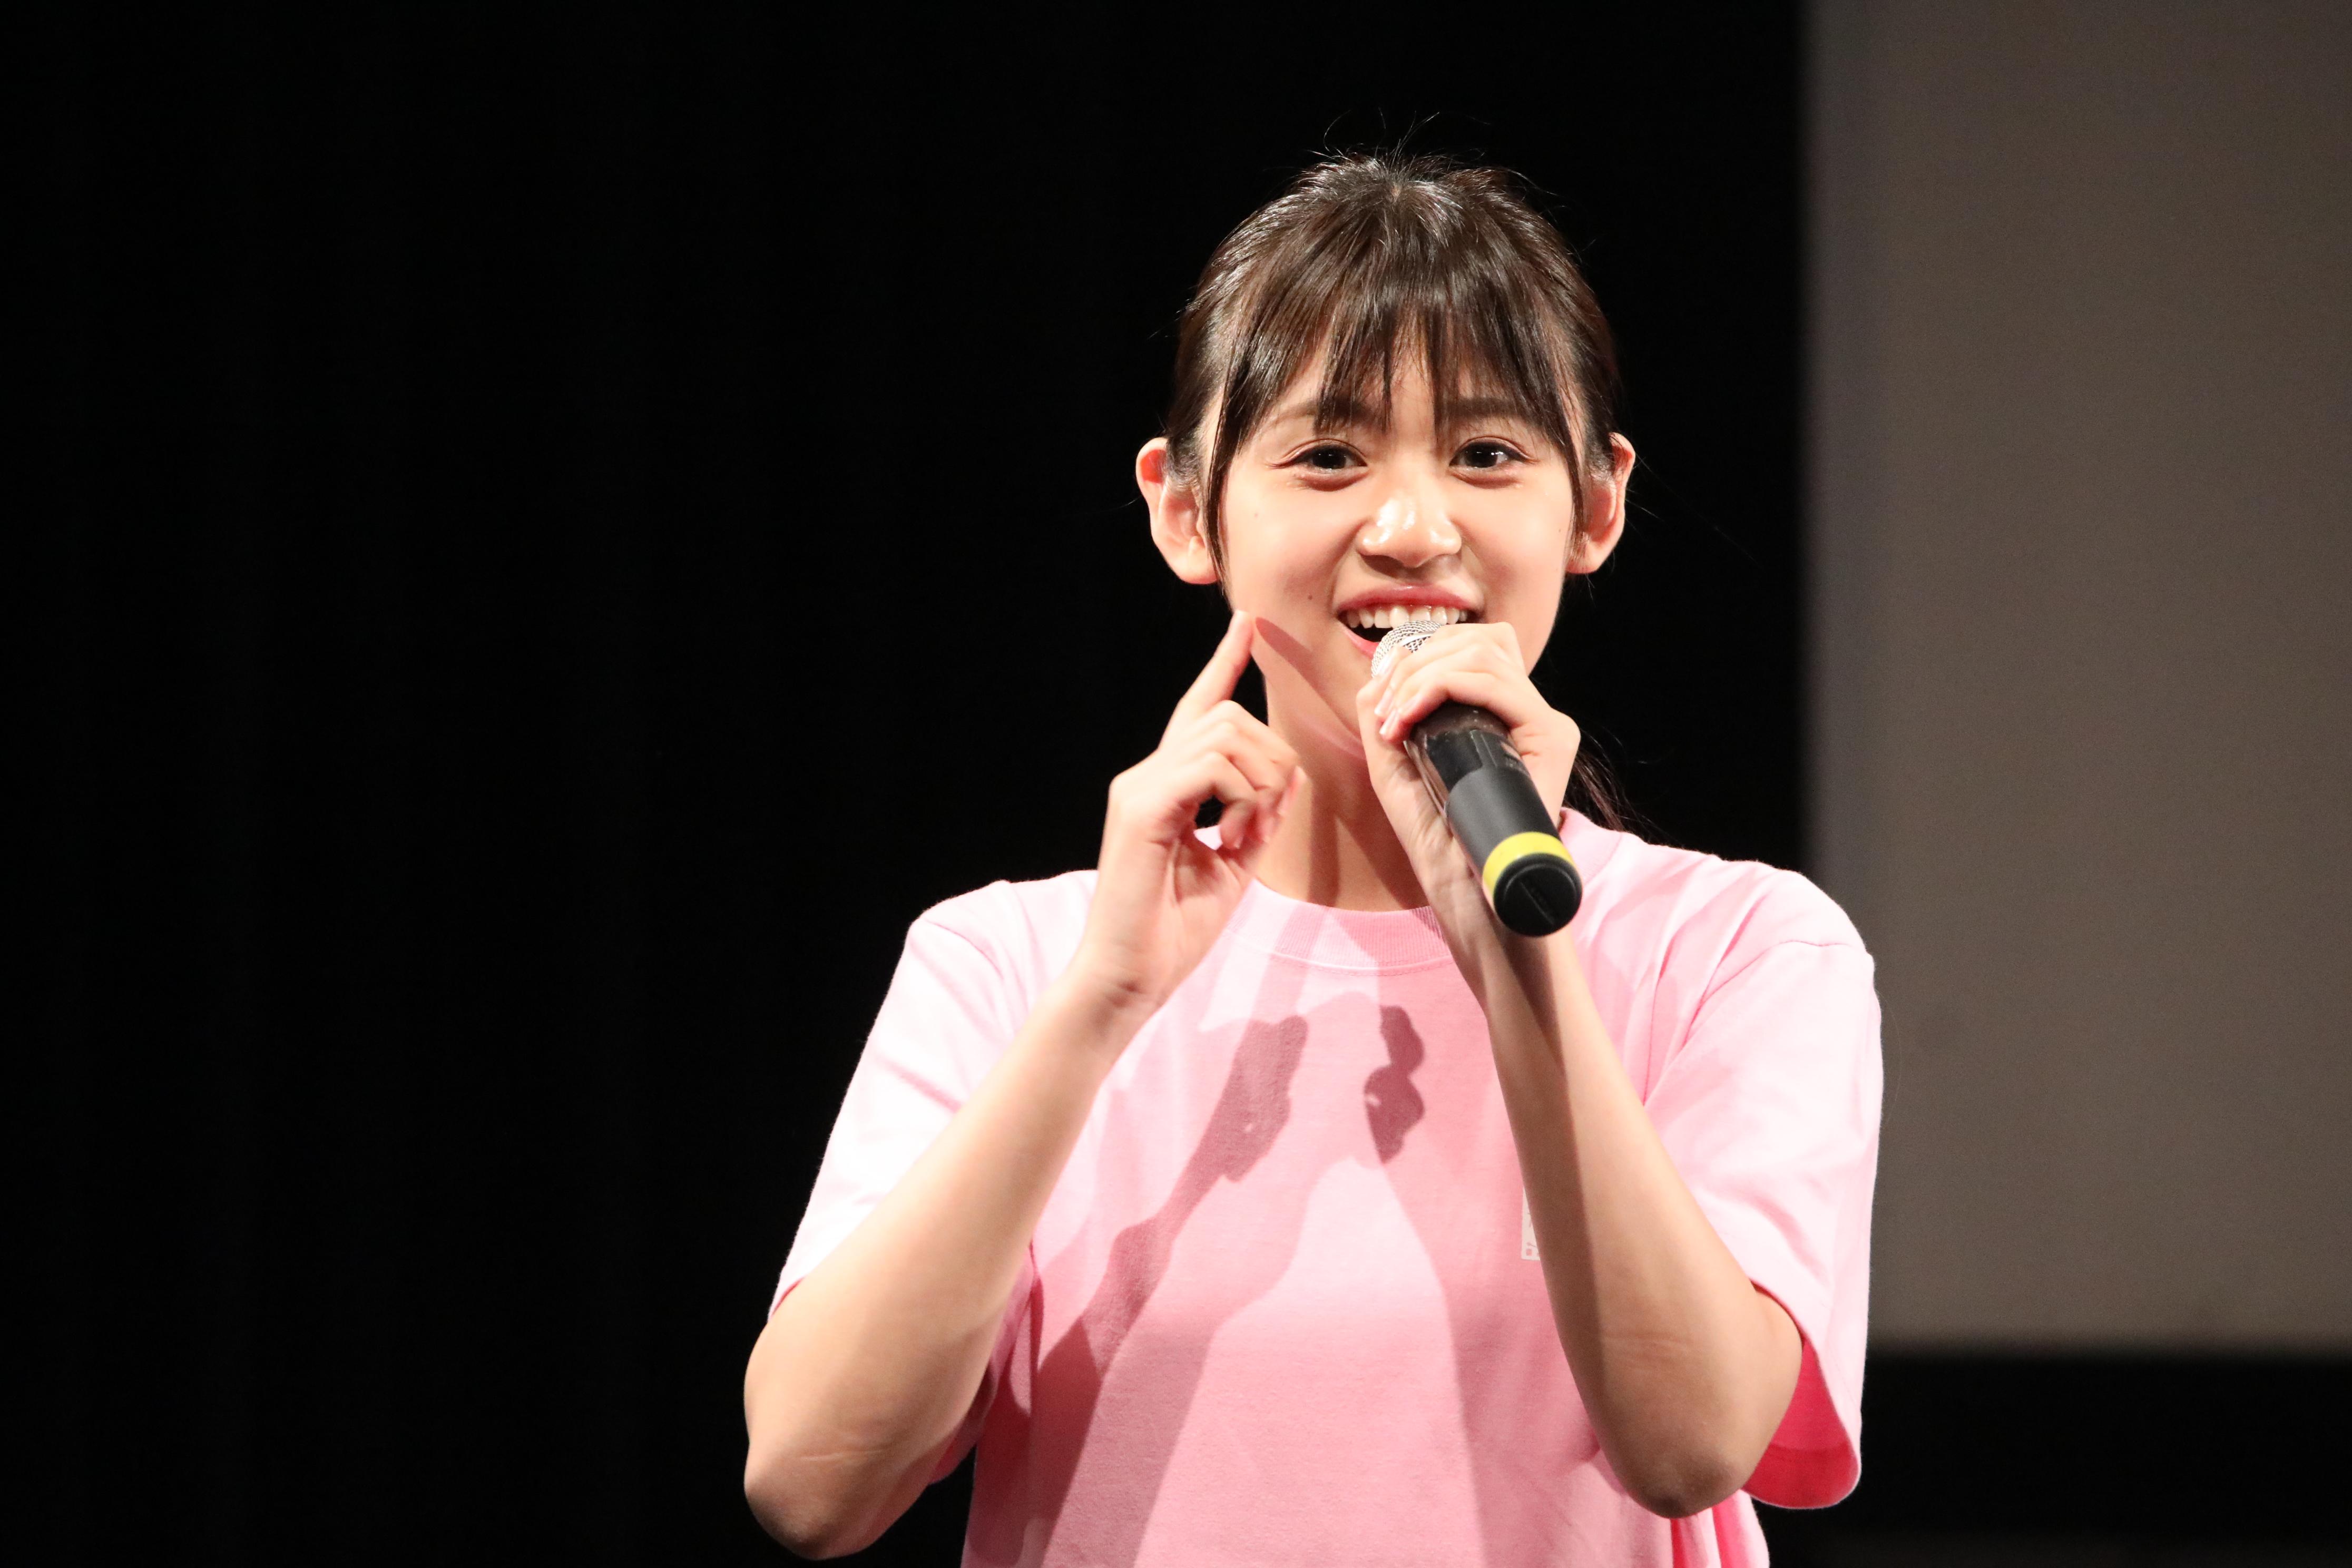 ミカン調べ隊株式会社:中川美音社長(NMB48)